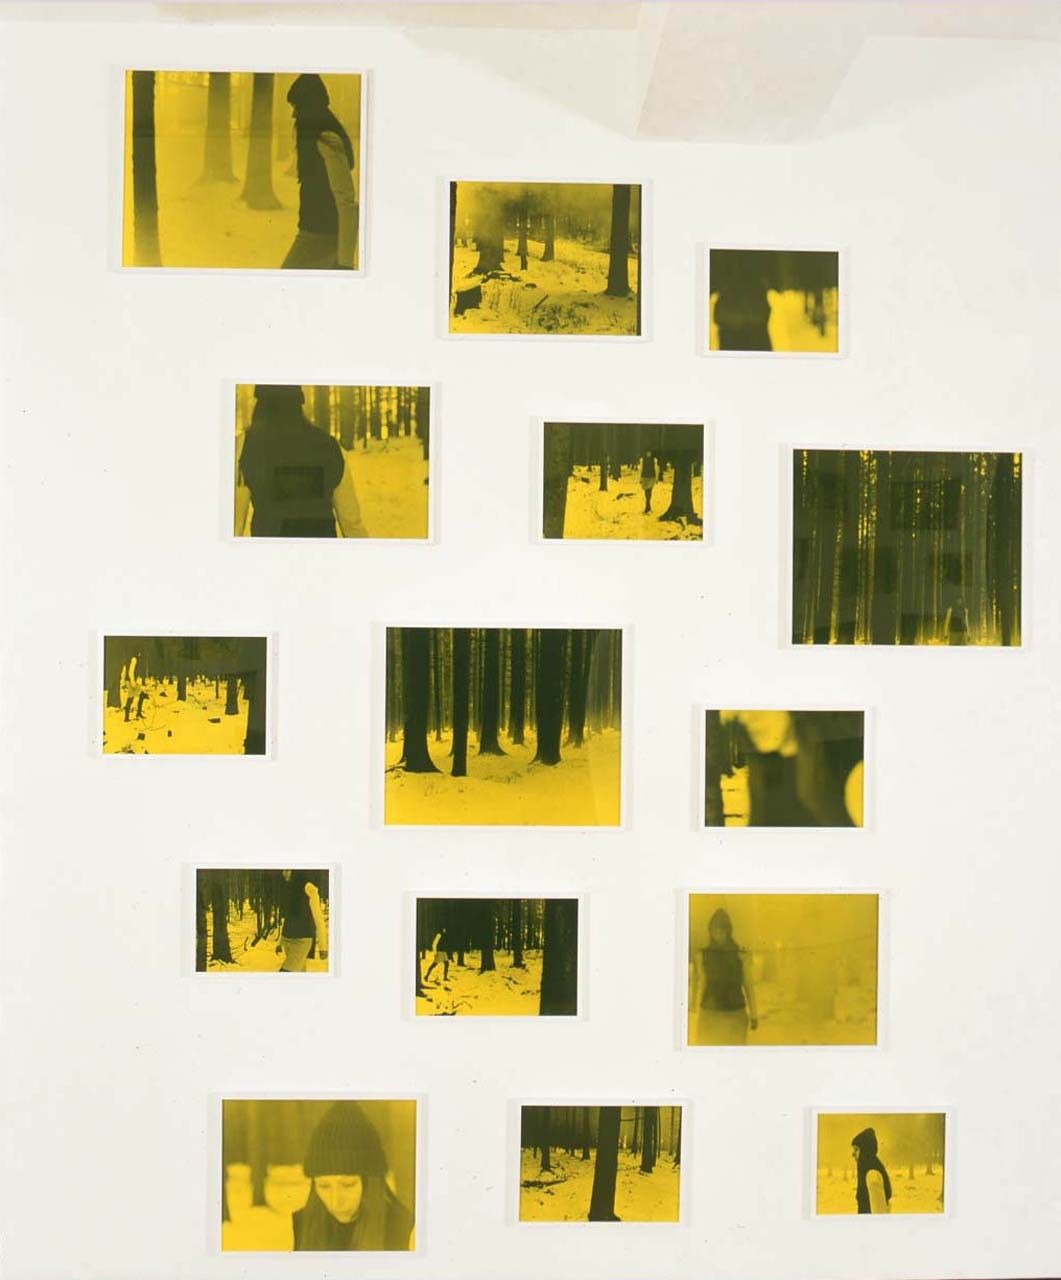 """<div class=""""artwork_caption""""><p>Dreissigsernoveemberneunzehmhundertneunundneunzig, 1999</p></div>"""